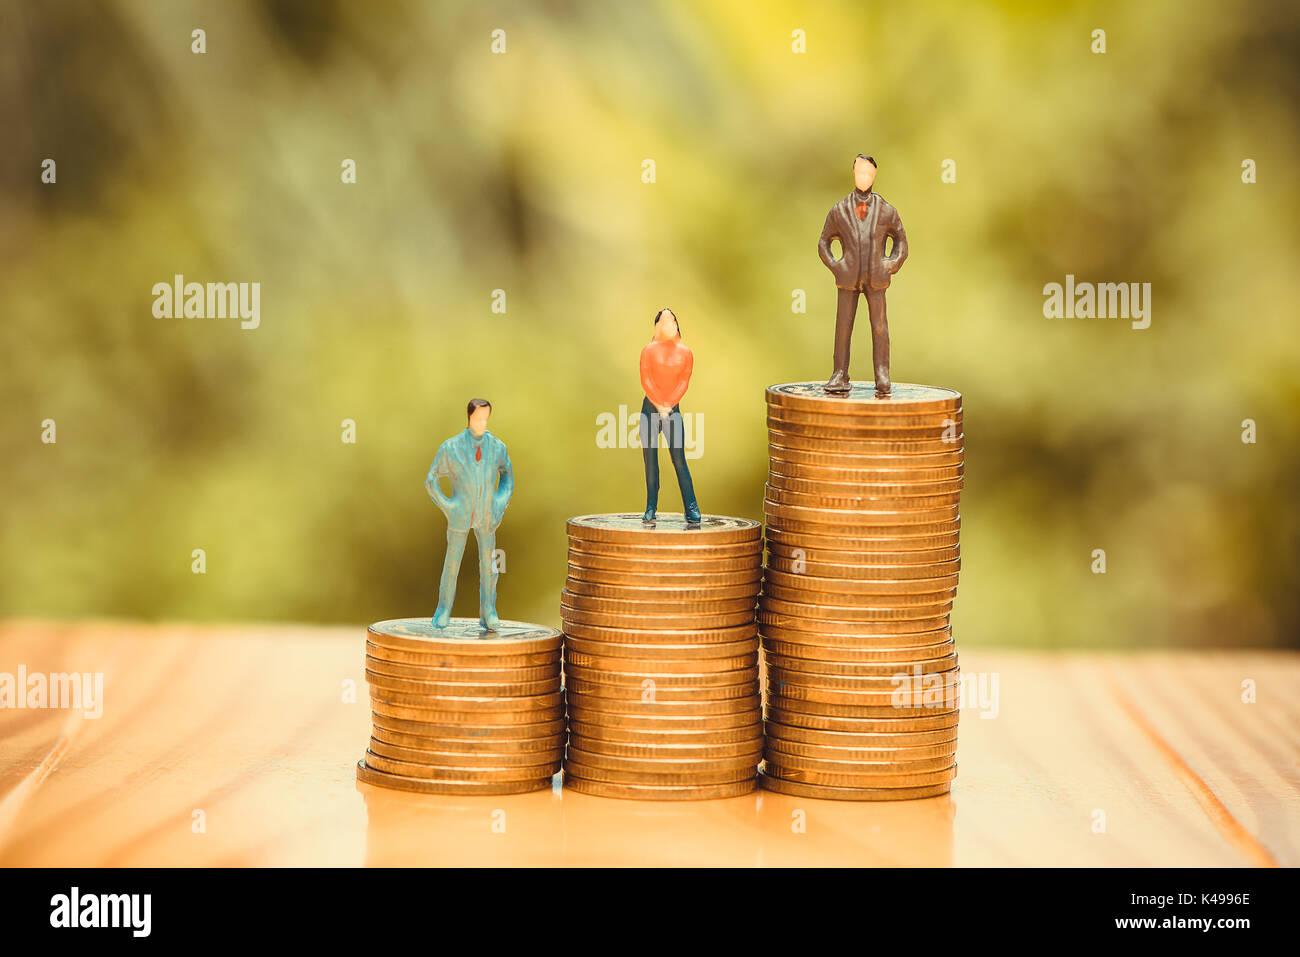 Pueblo en miniatura, pequeñas figuras de empresarios y de la mujer en la parte superior de las monedas. Dinero y financieros, el crecimiento empresarial concepto enfoque superficial en tonos suaves. Imagen De Stock